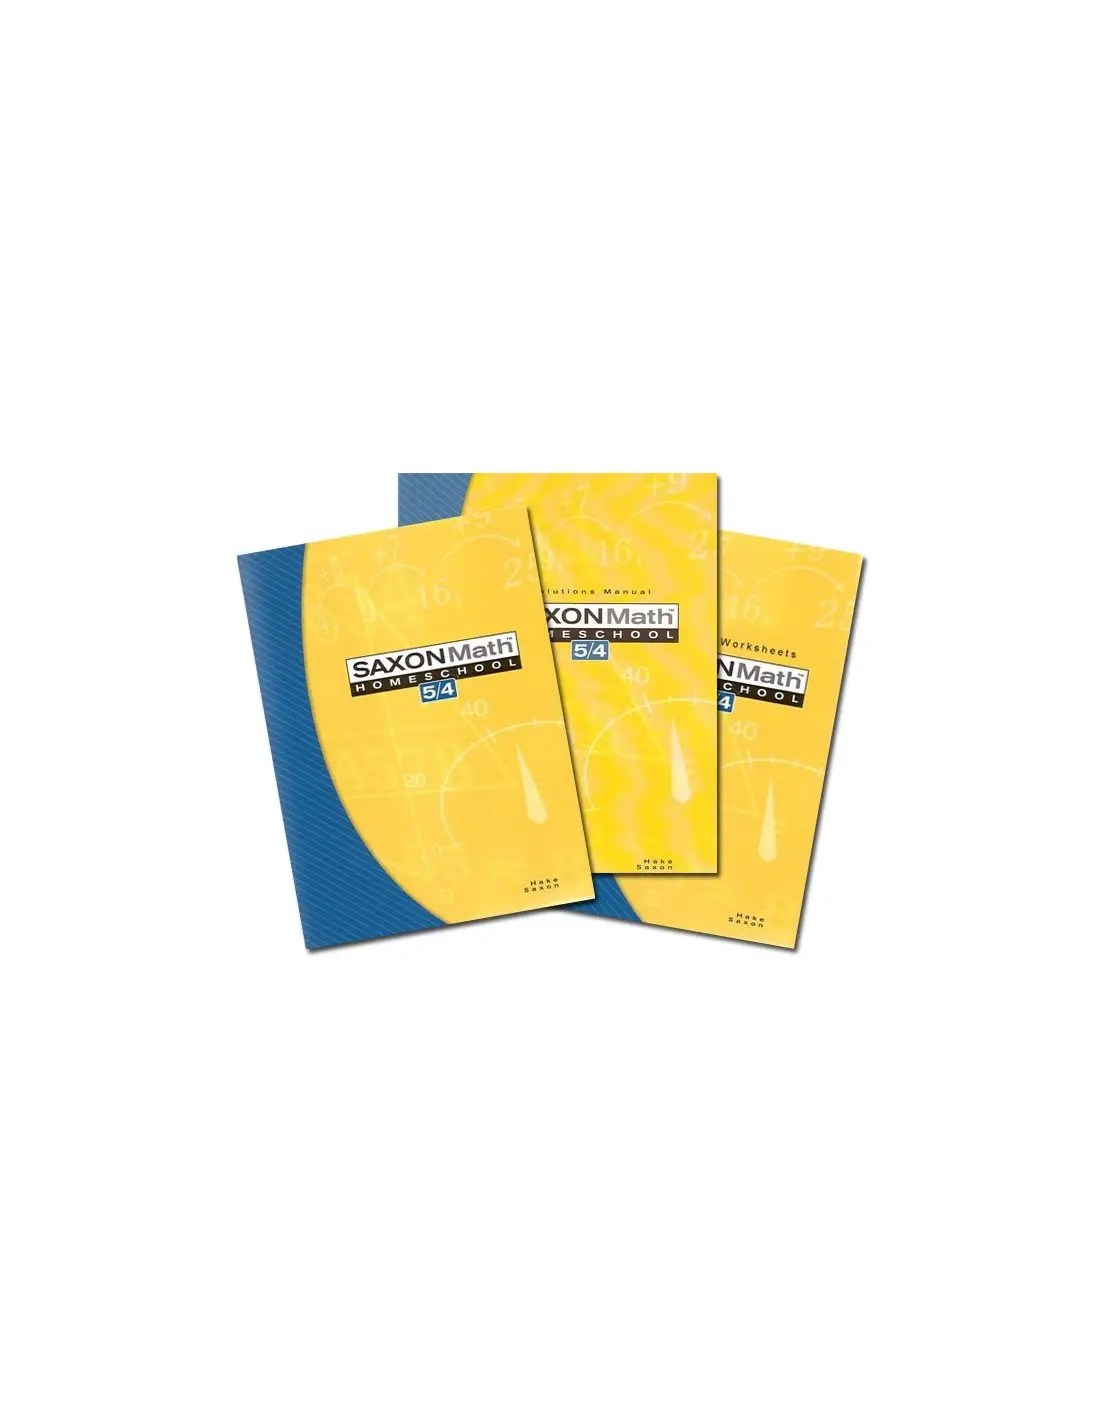 Saxon 54 Home Study Kit 3rd Ed